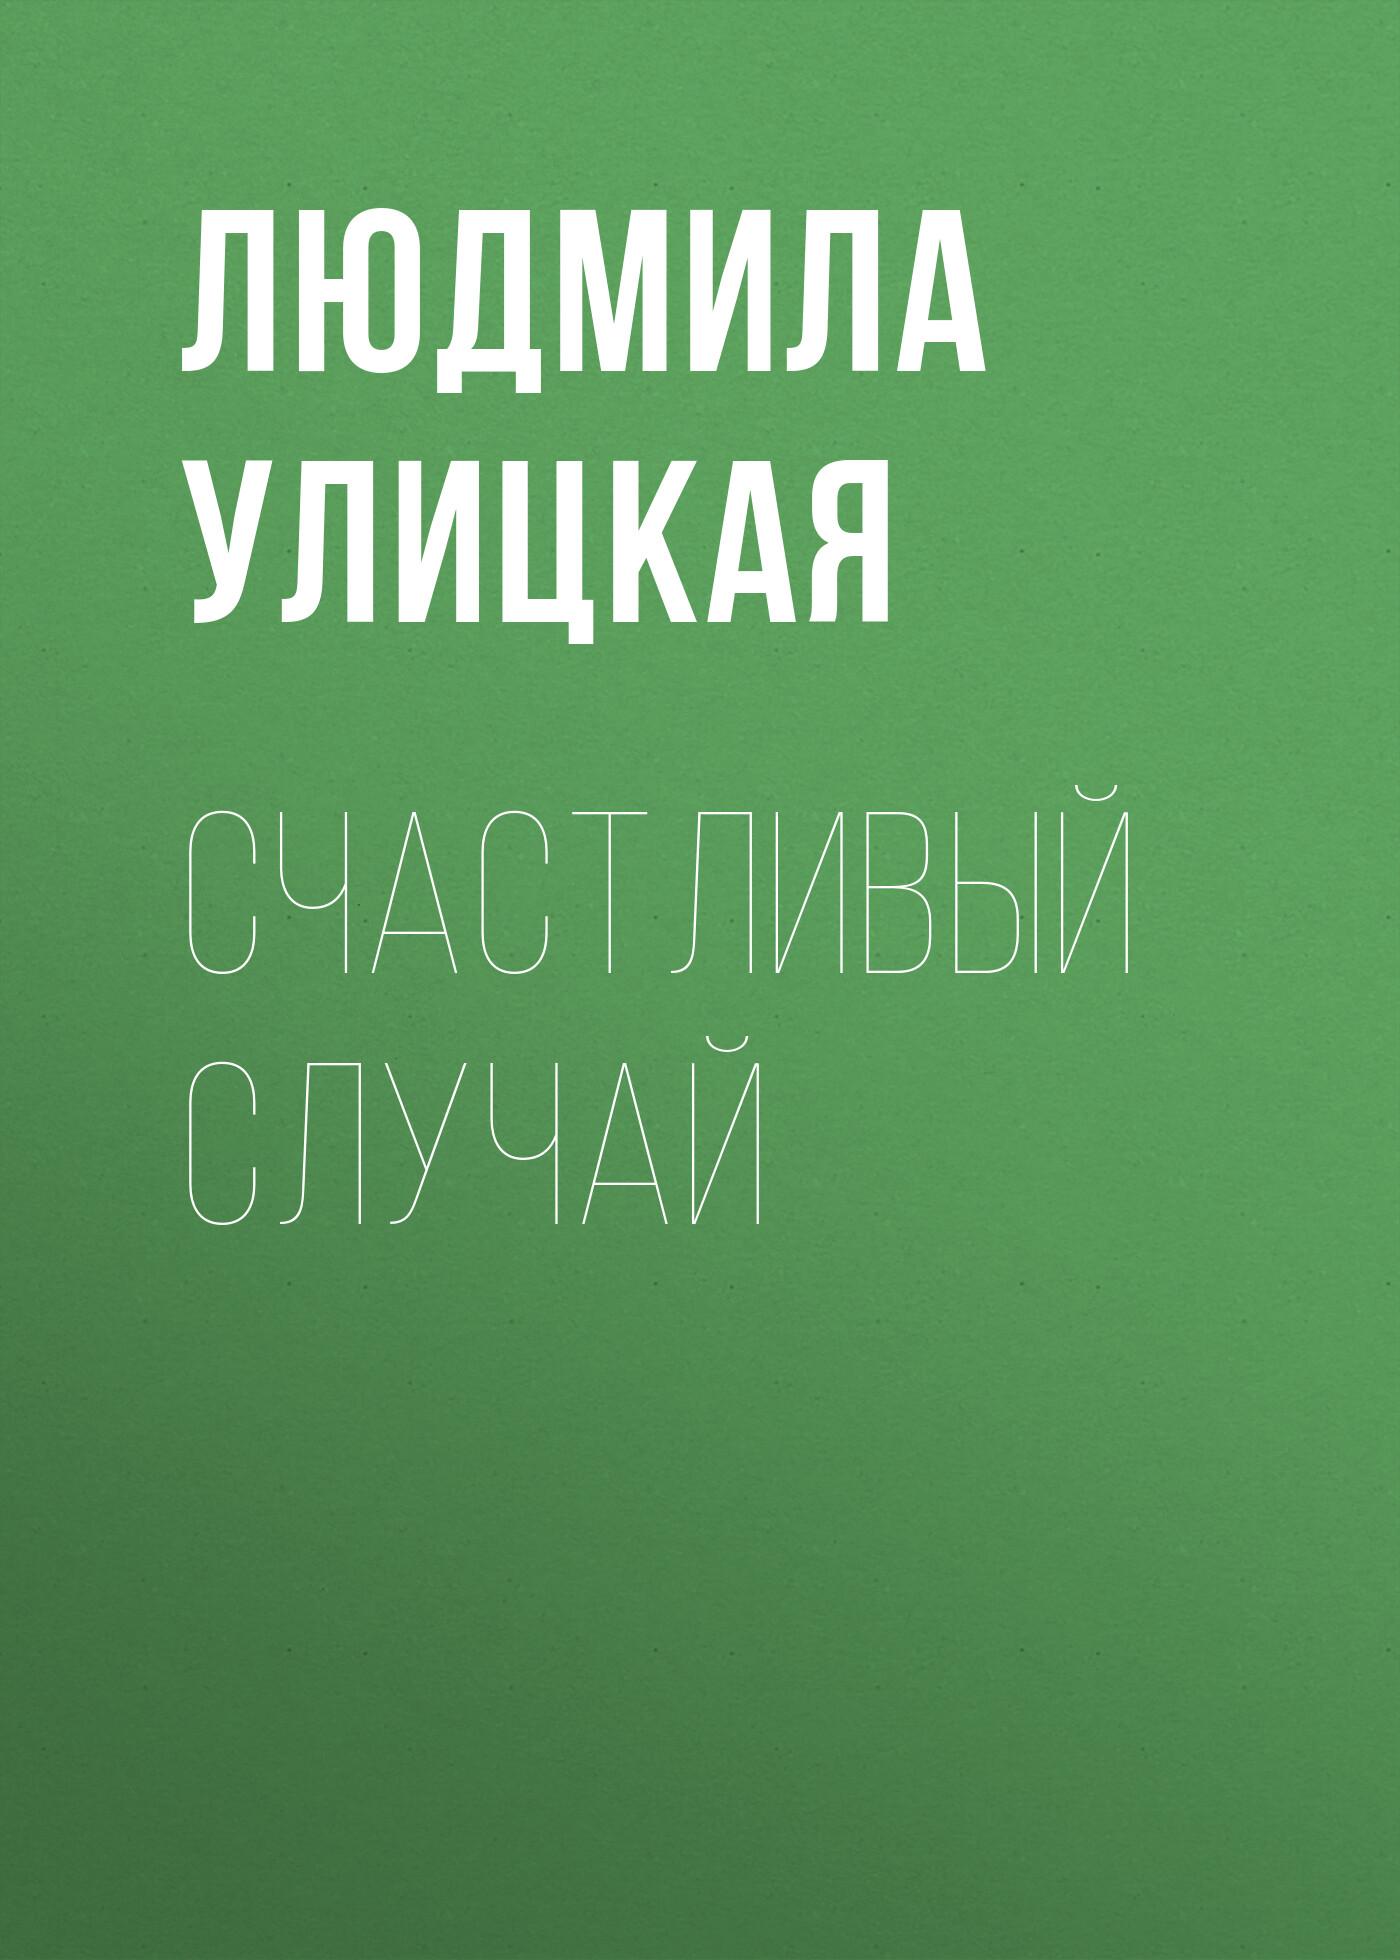 Людмила Улицкая Счастливый случай токарева в с матвеева а муравьева и л счастливый случай